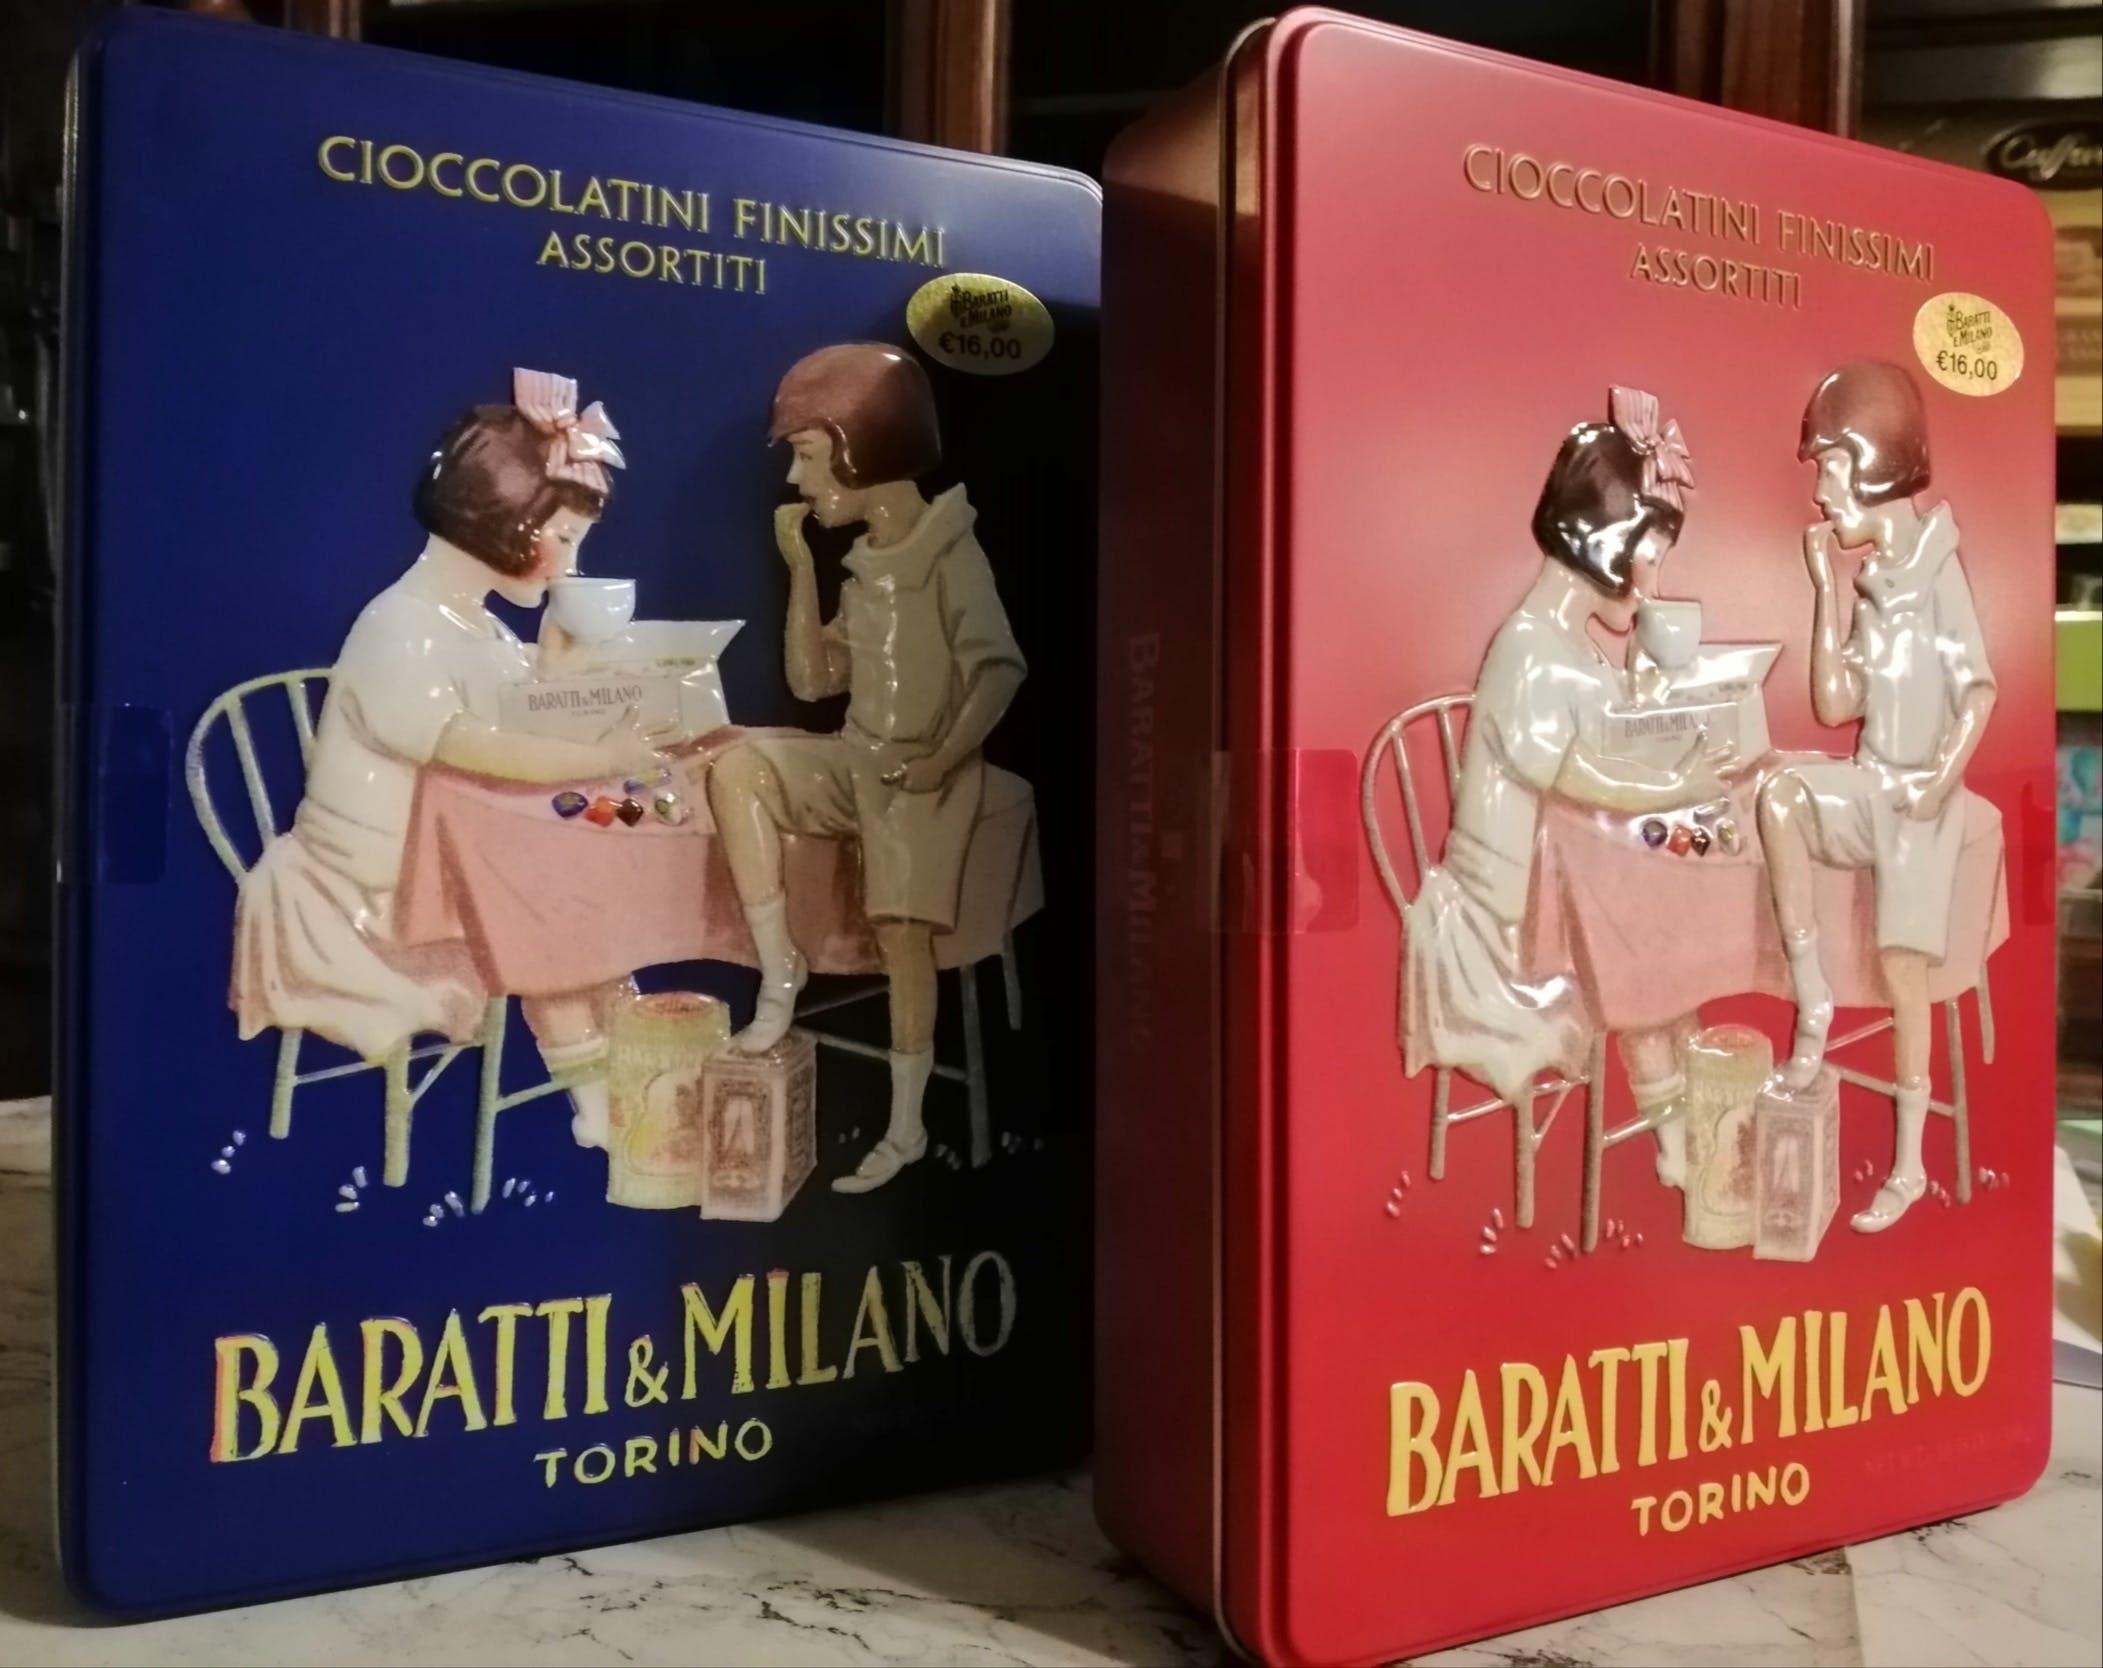 Baratti & Milano, Latta ROSSO cioccolatini assortiti